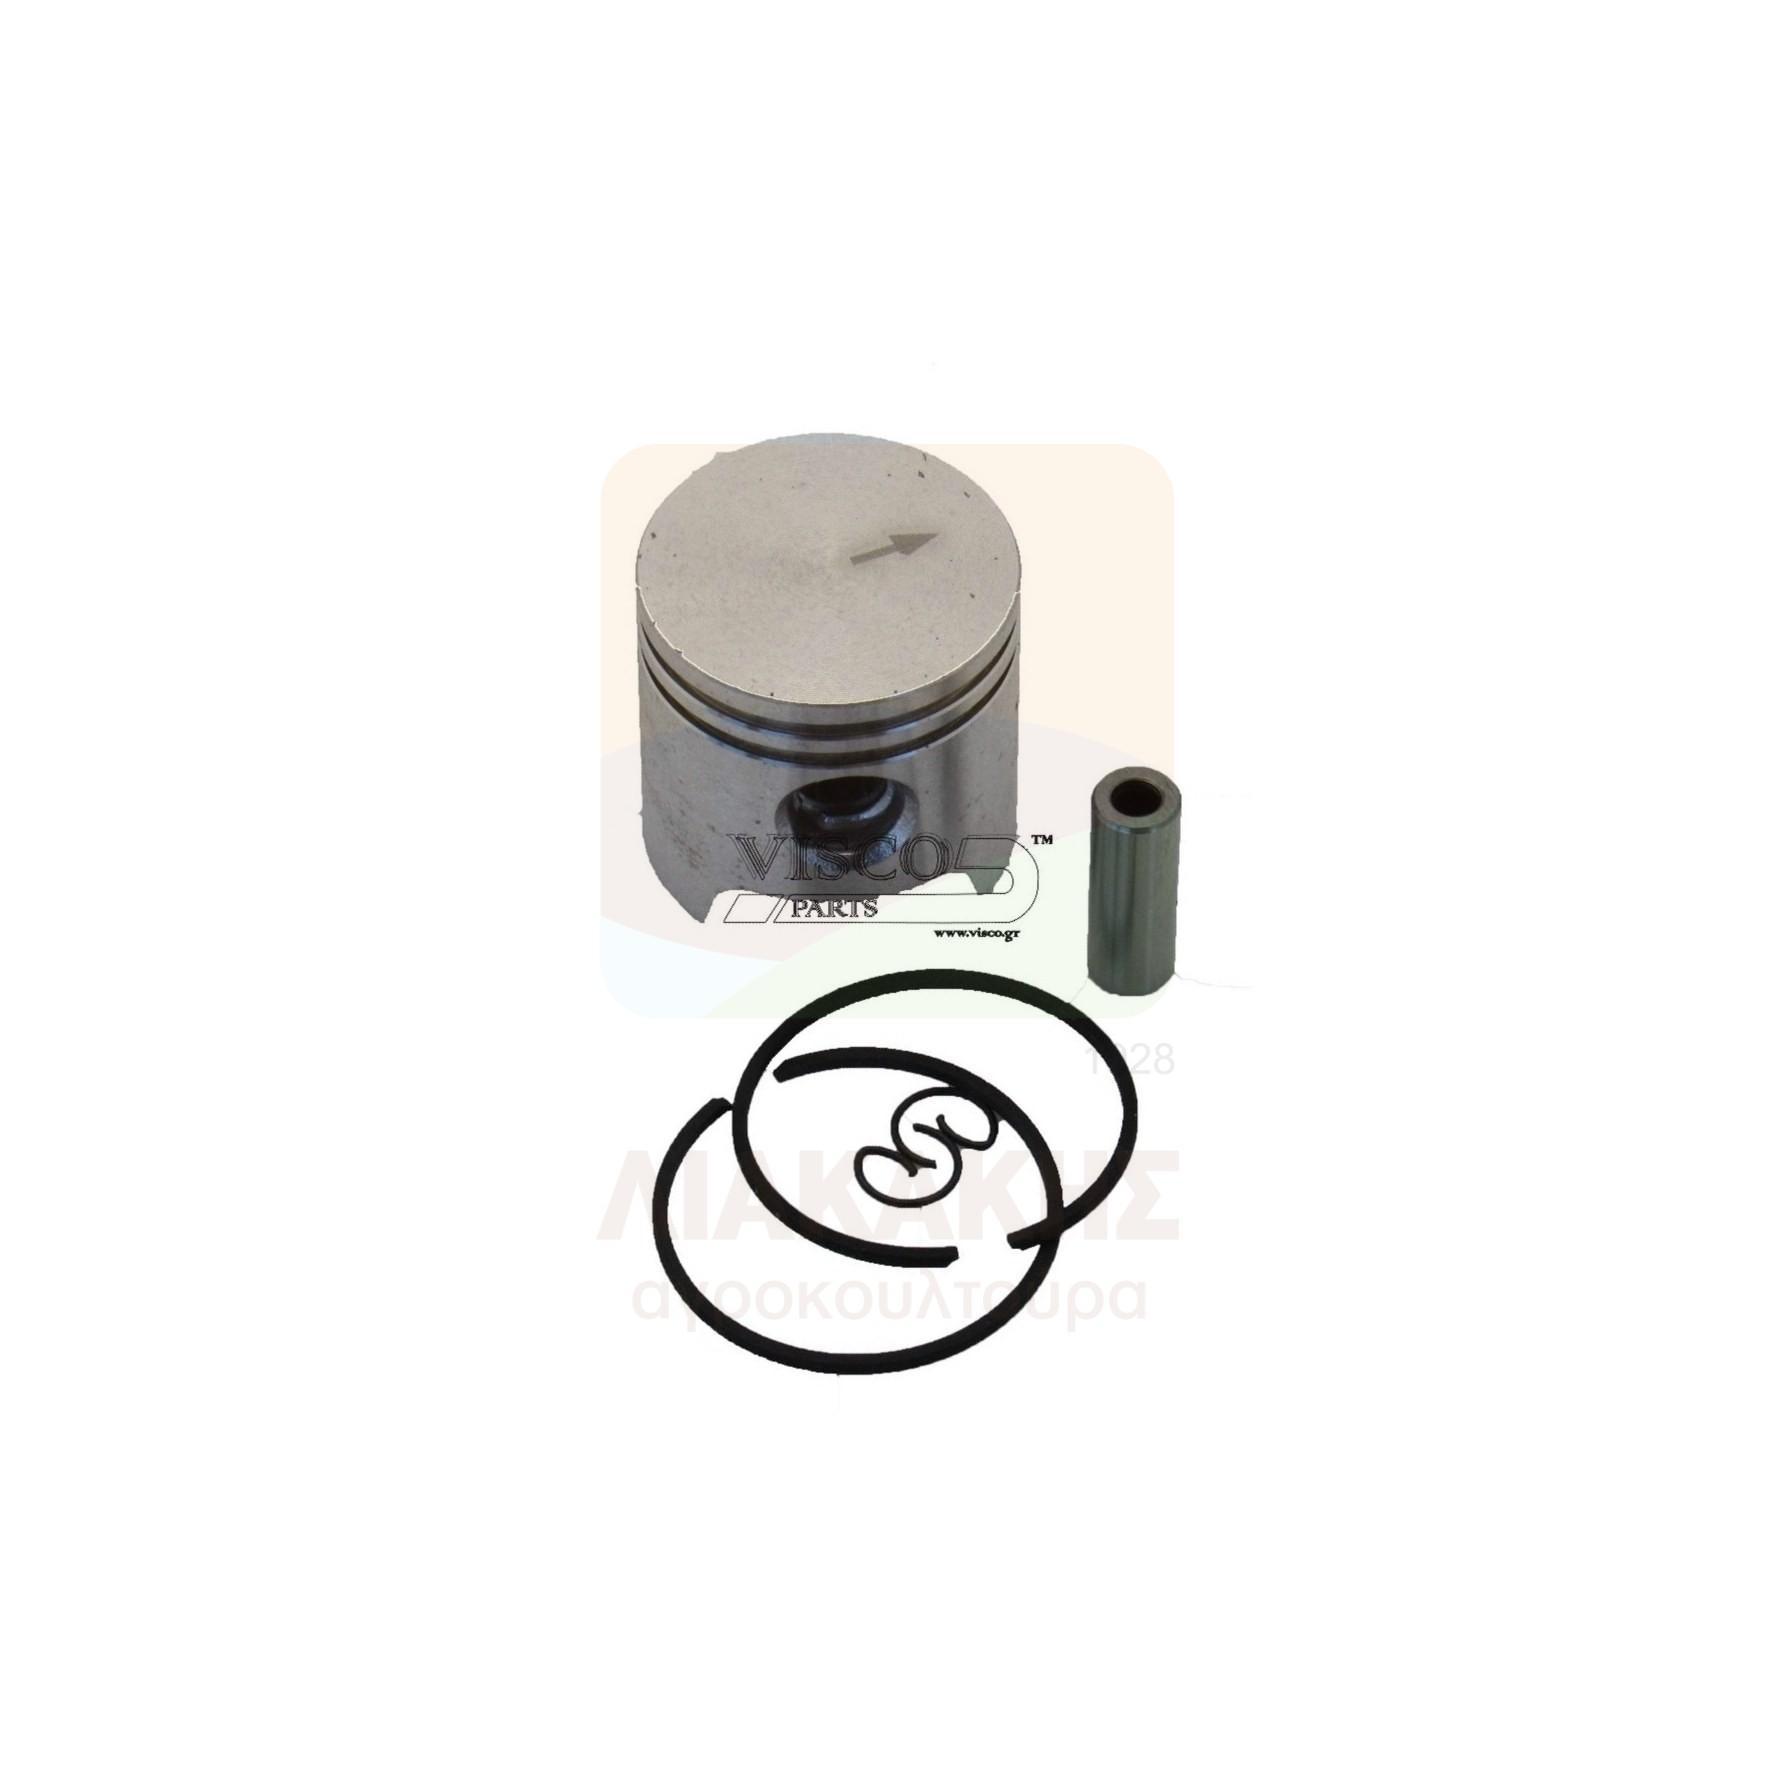 ΠΙΣ-308 Πιστόνι STIHL FS 38-45-46-55 (34mm)